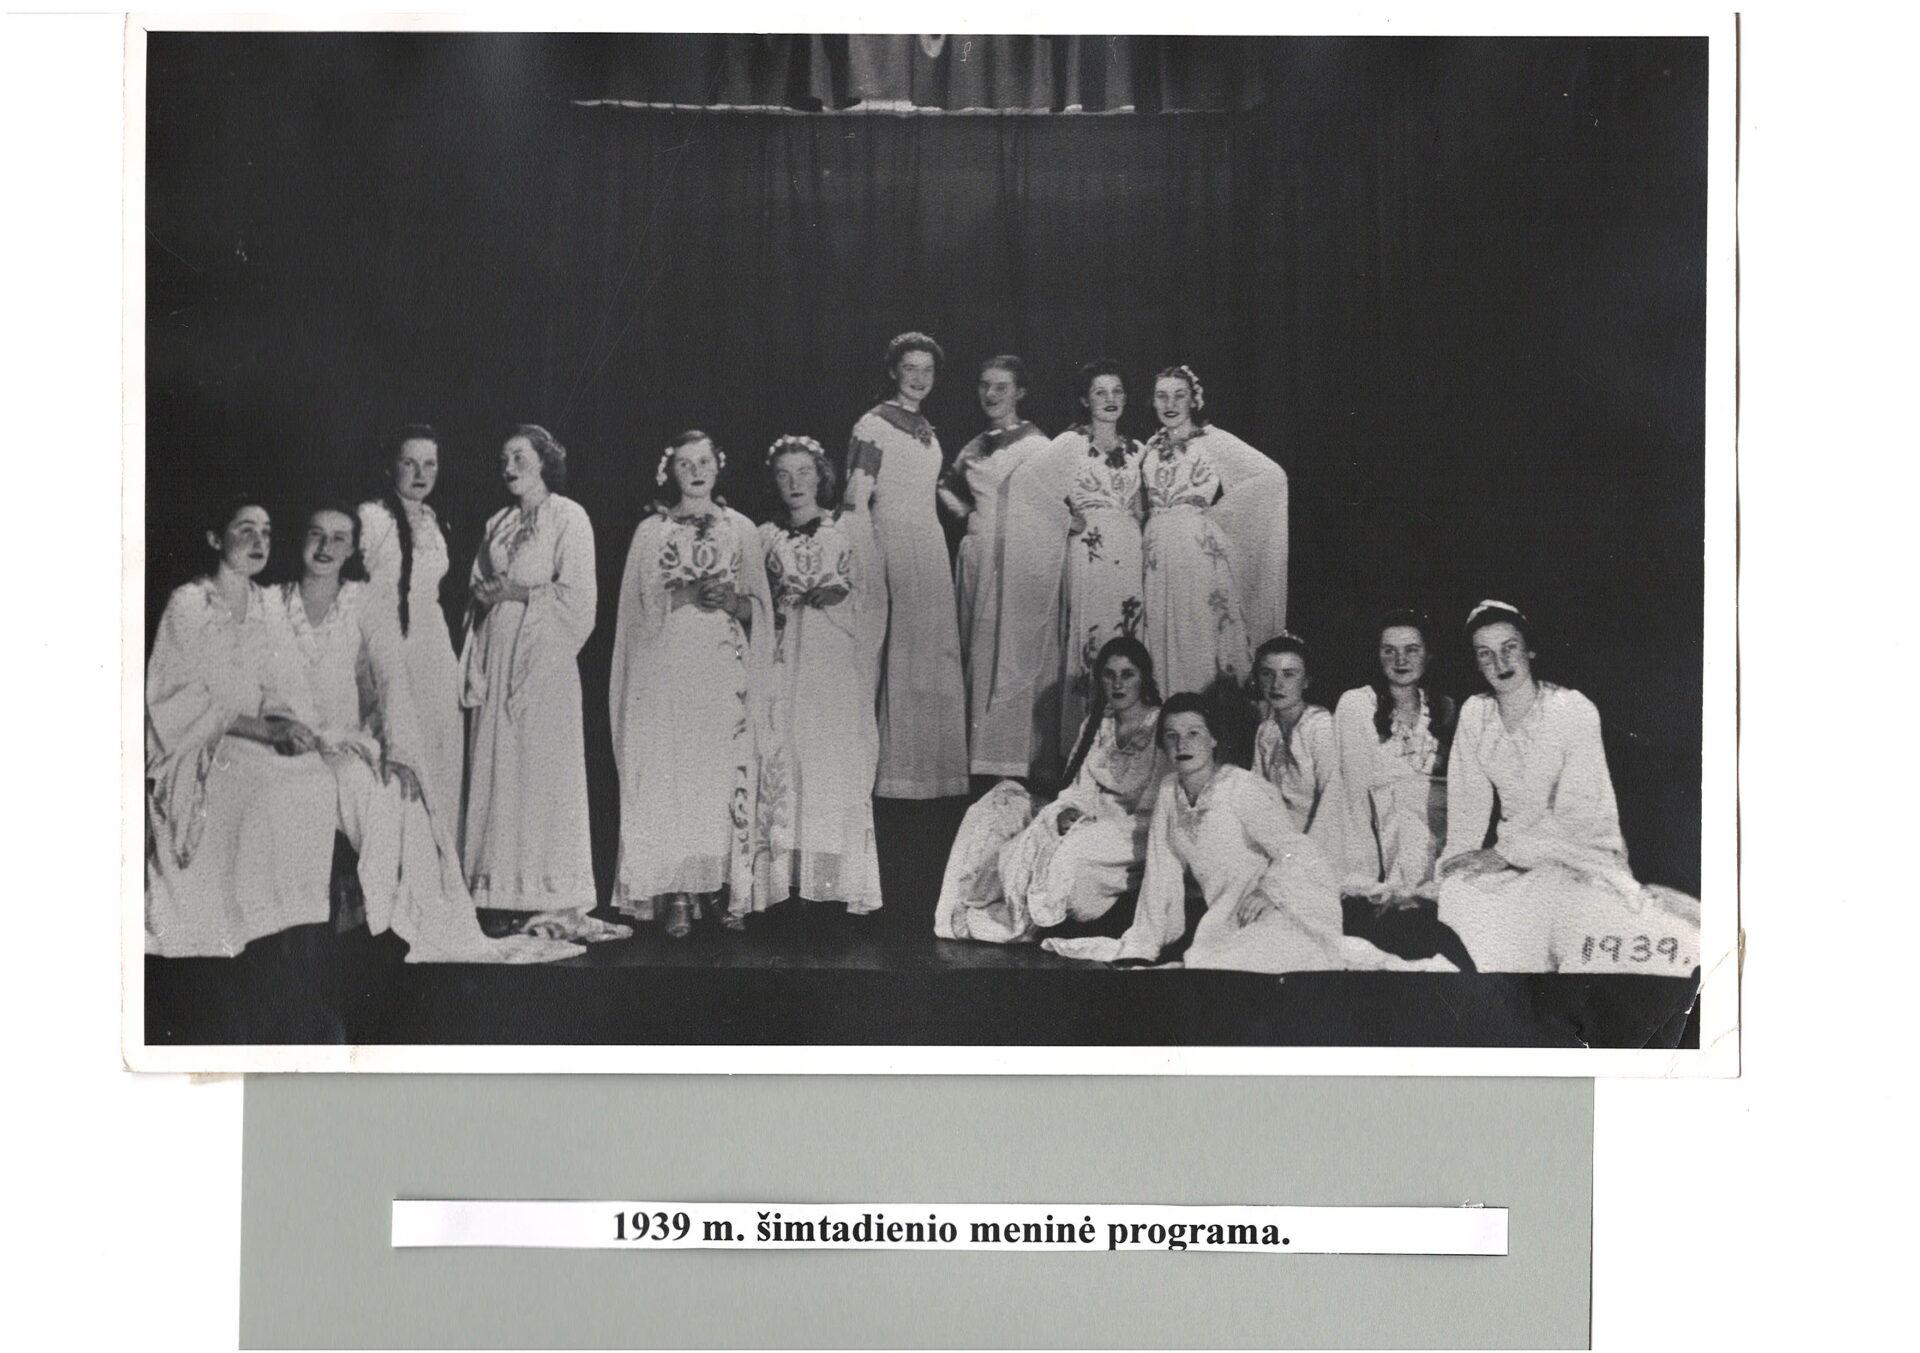 1939 m. šimtadienio meninė programa